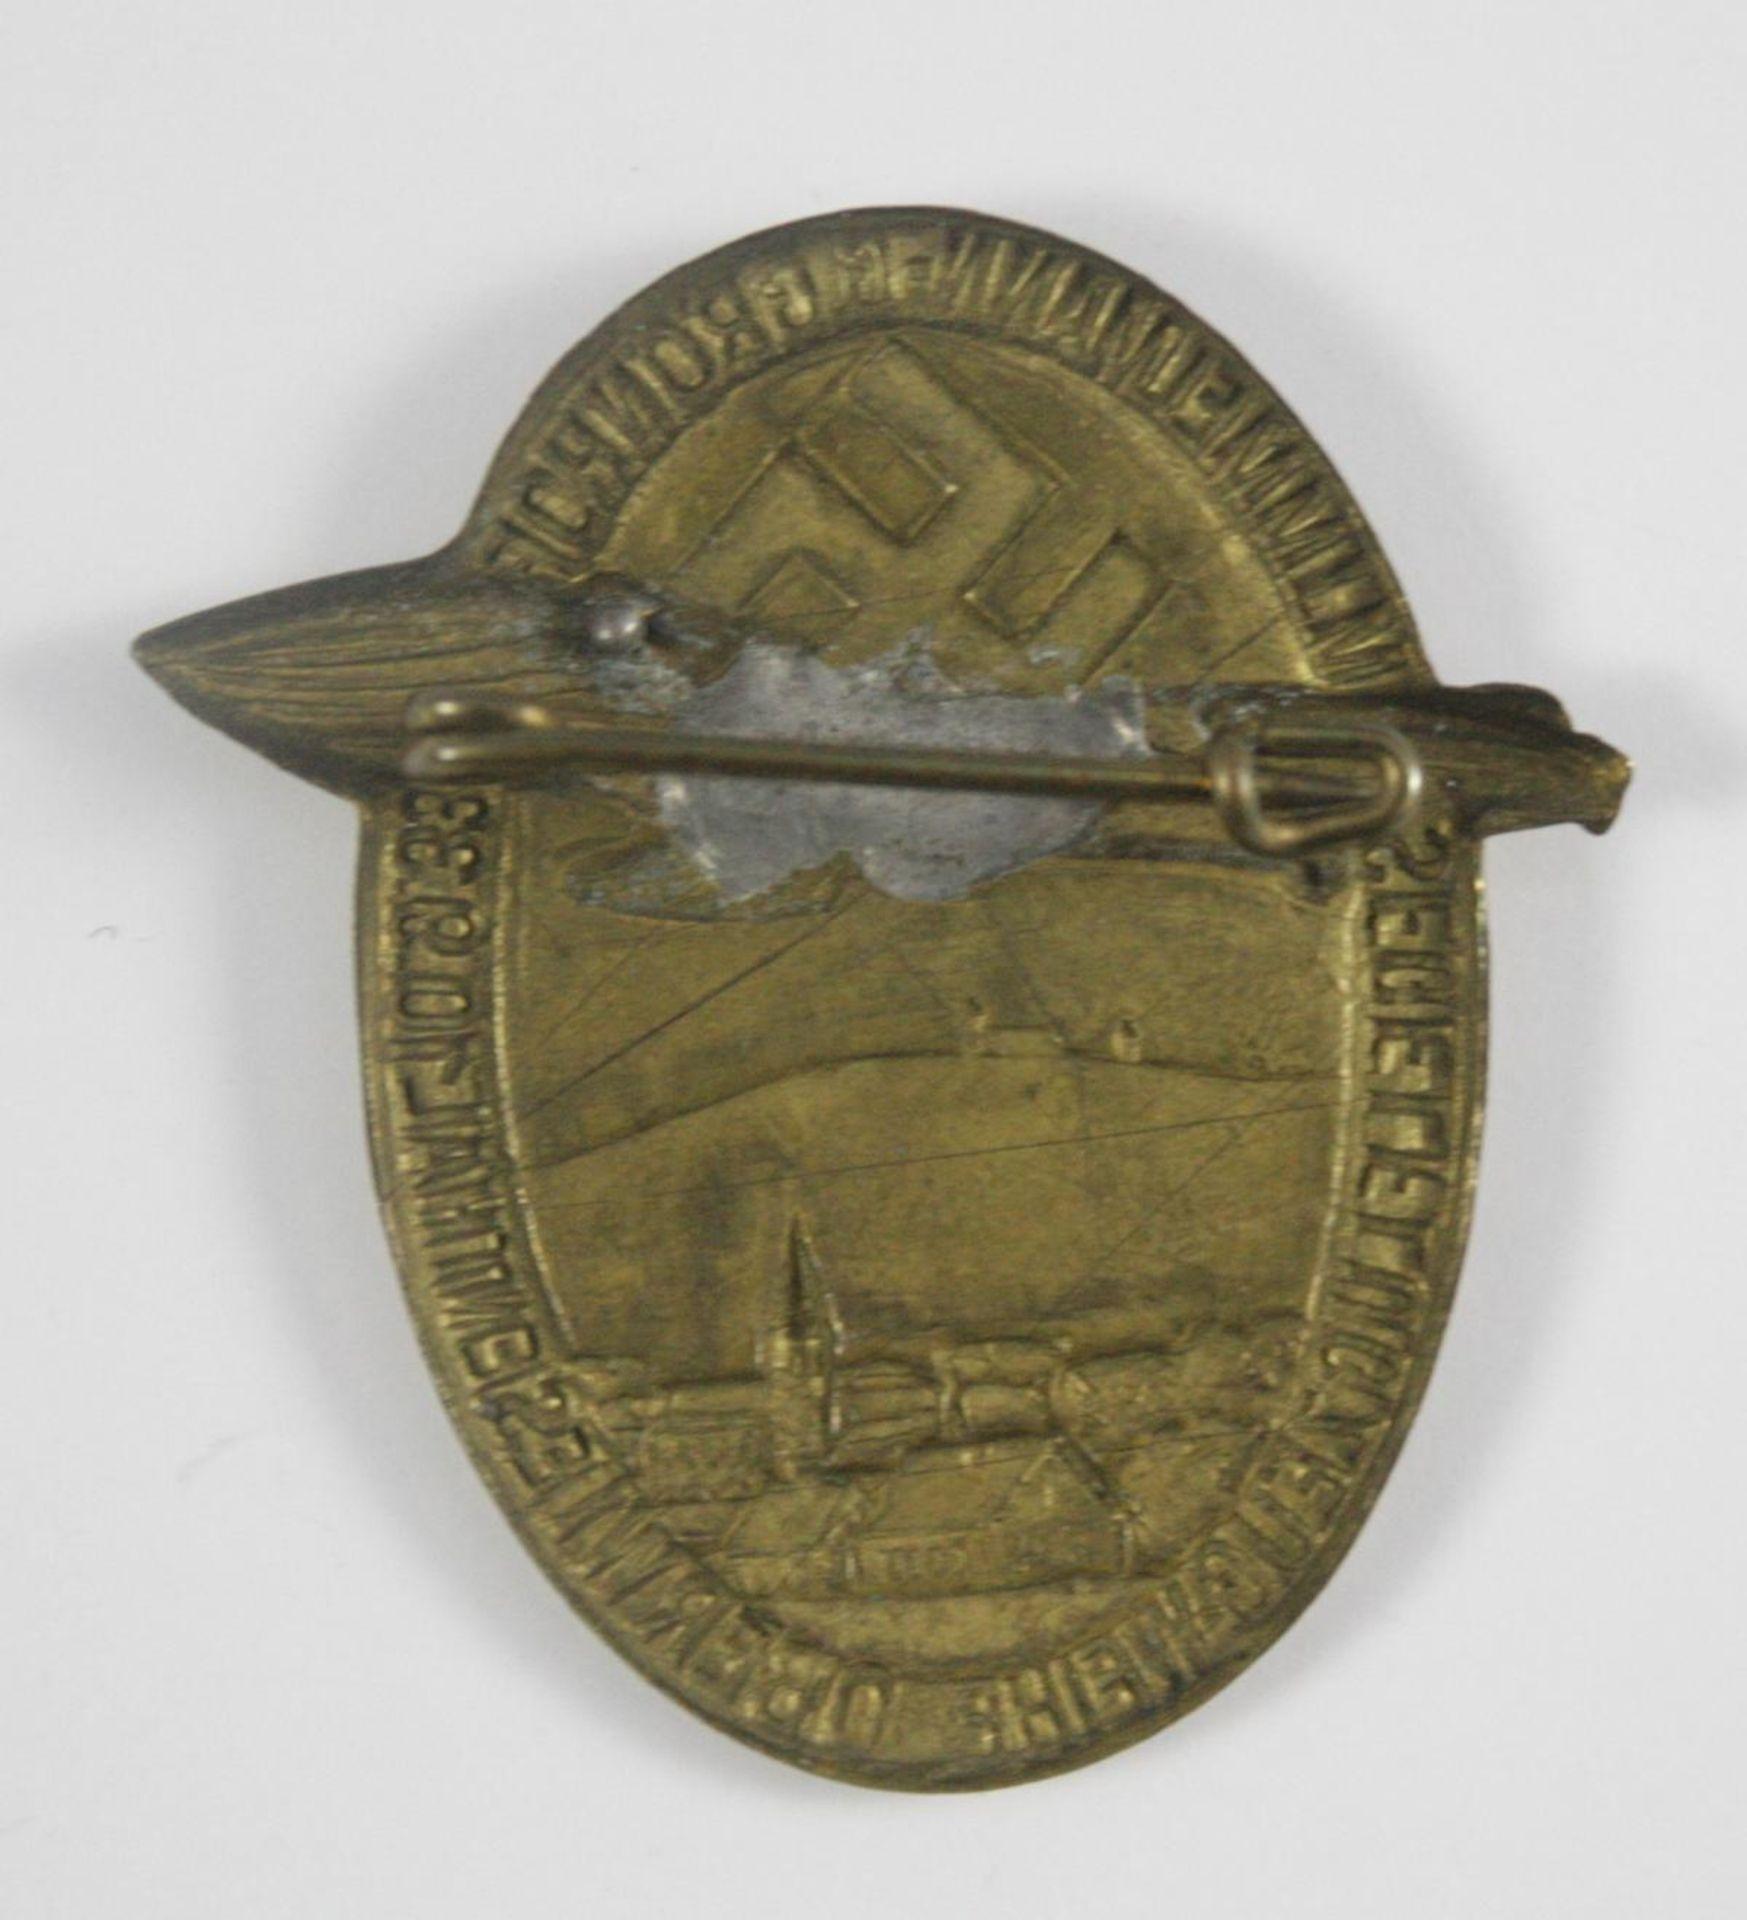 Abzeichen: Segelflugzeugweihe Oberwiesenthal 10.9.33 - Bild 2 aus 2